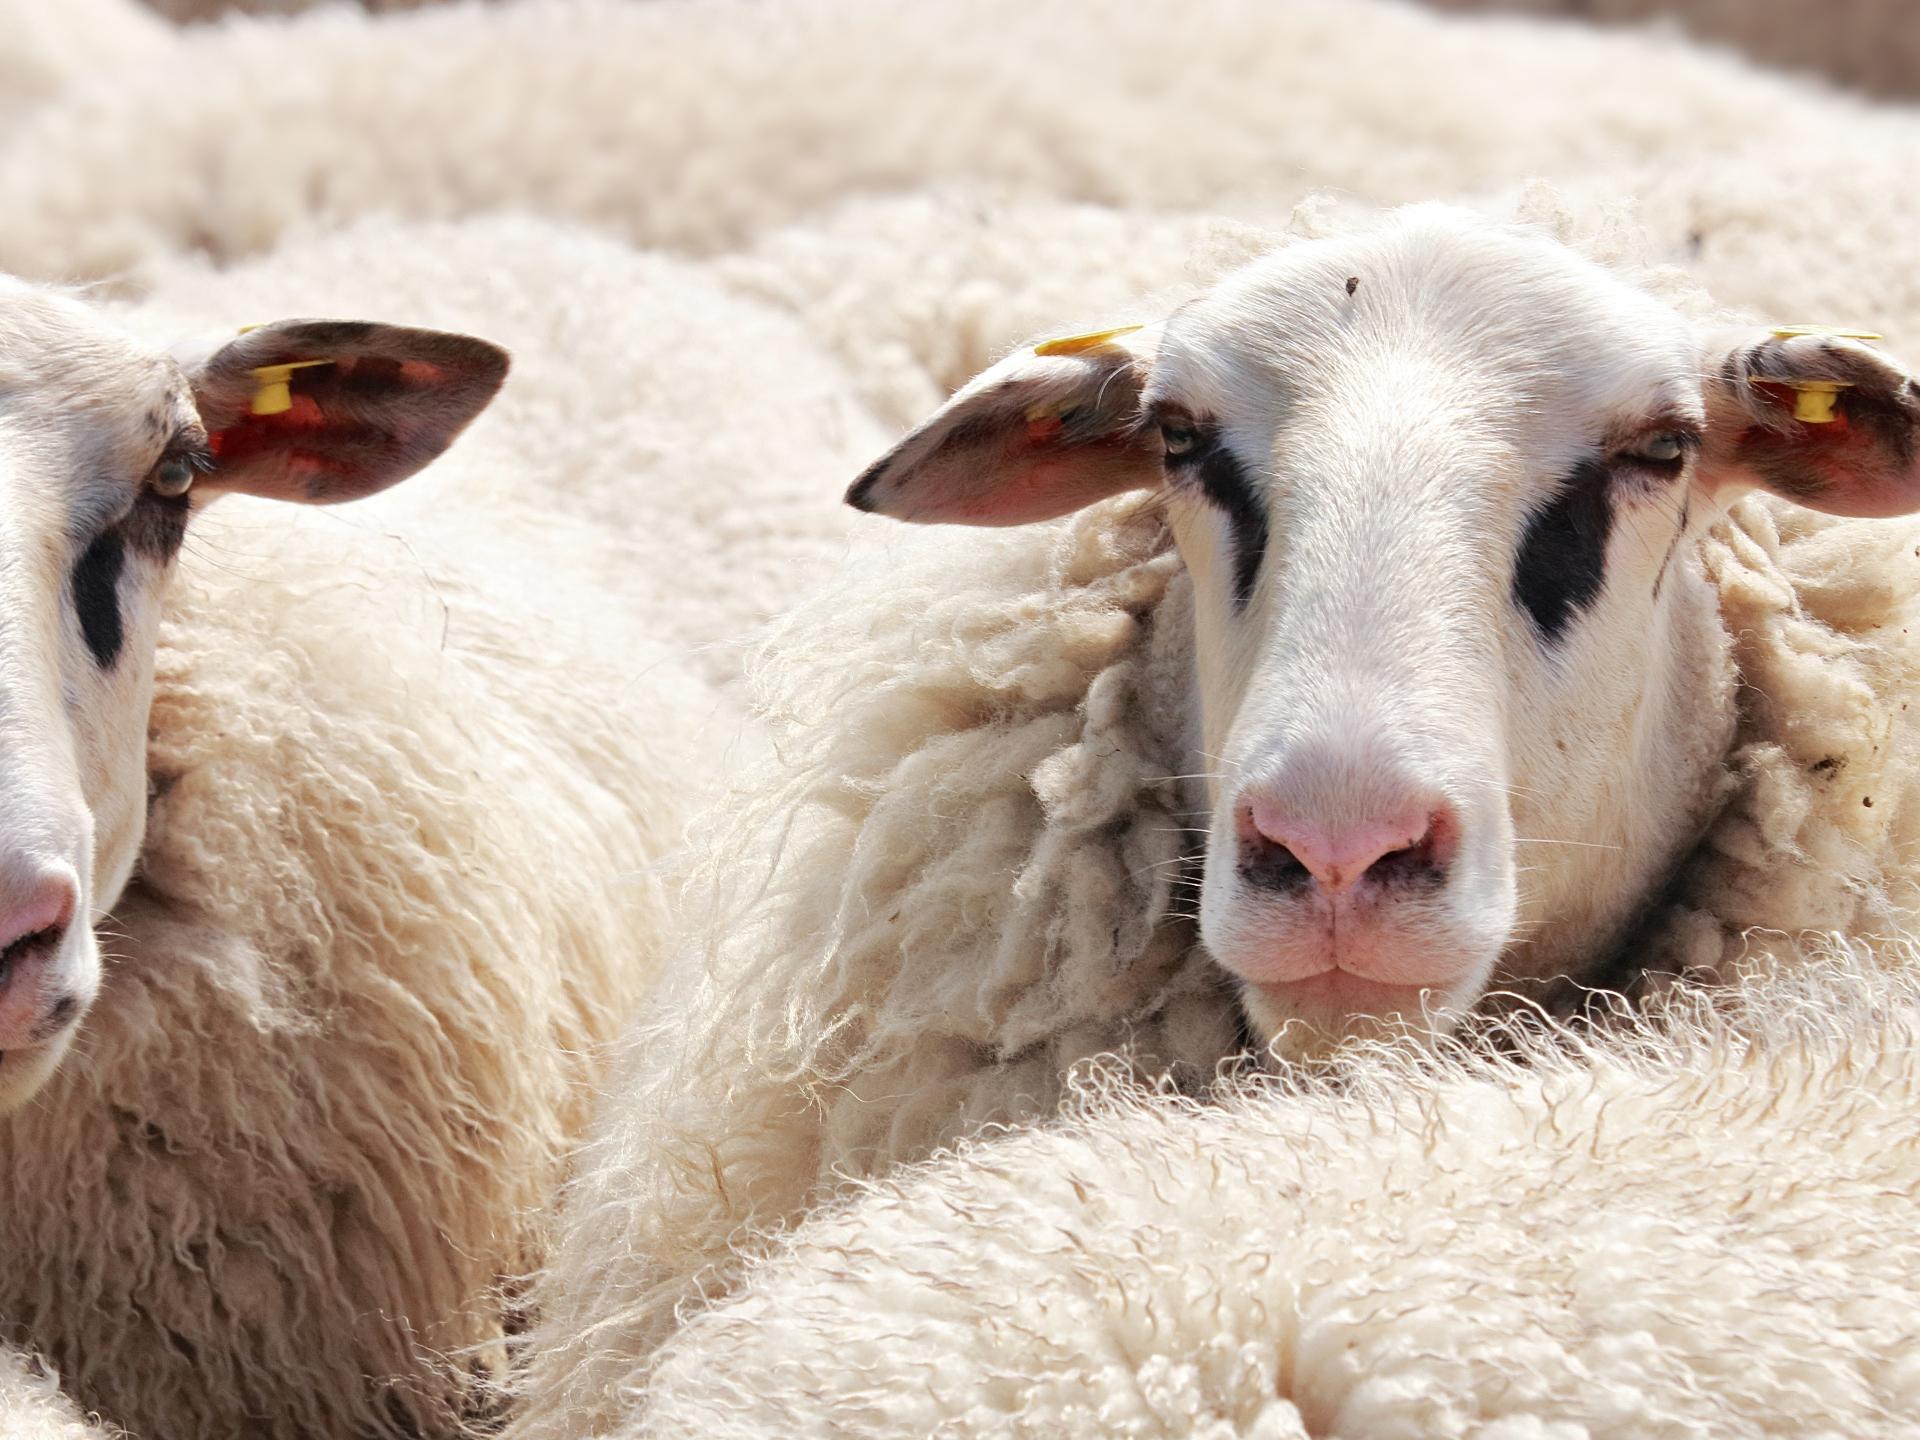 Schafe liefern das ideale Naturmaterial für Jacken, Hauben, Schals und Handschuhe. - Photocredit: pixabay.com/pixel2013